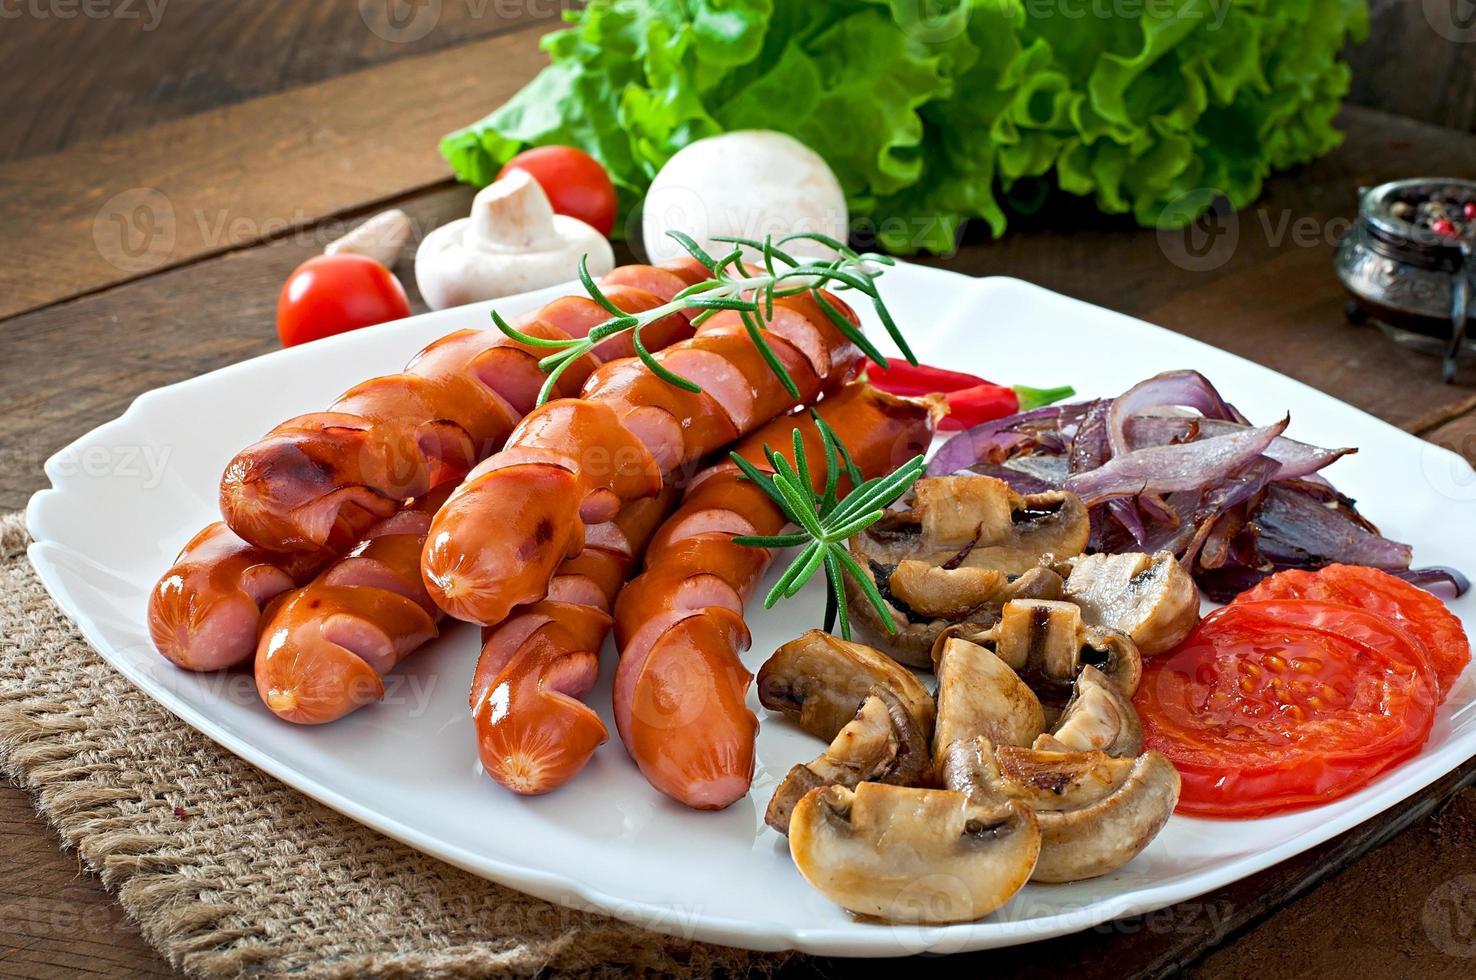 Bratwürste mit Gemüse auf einem weißen Teller foto